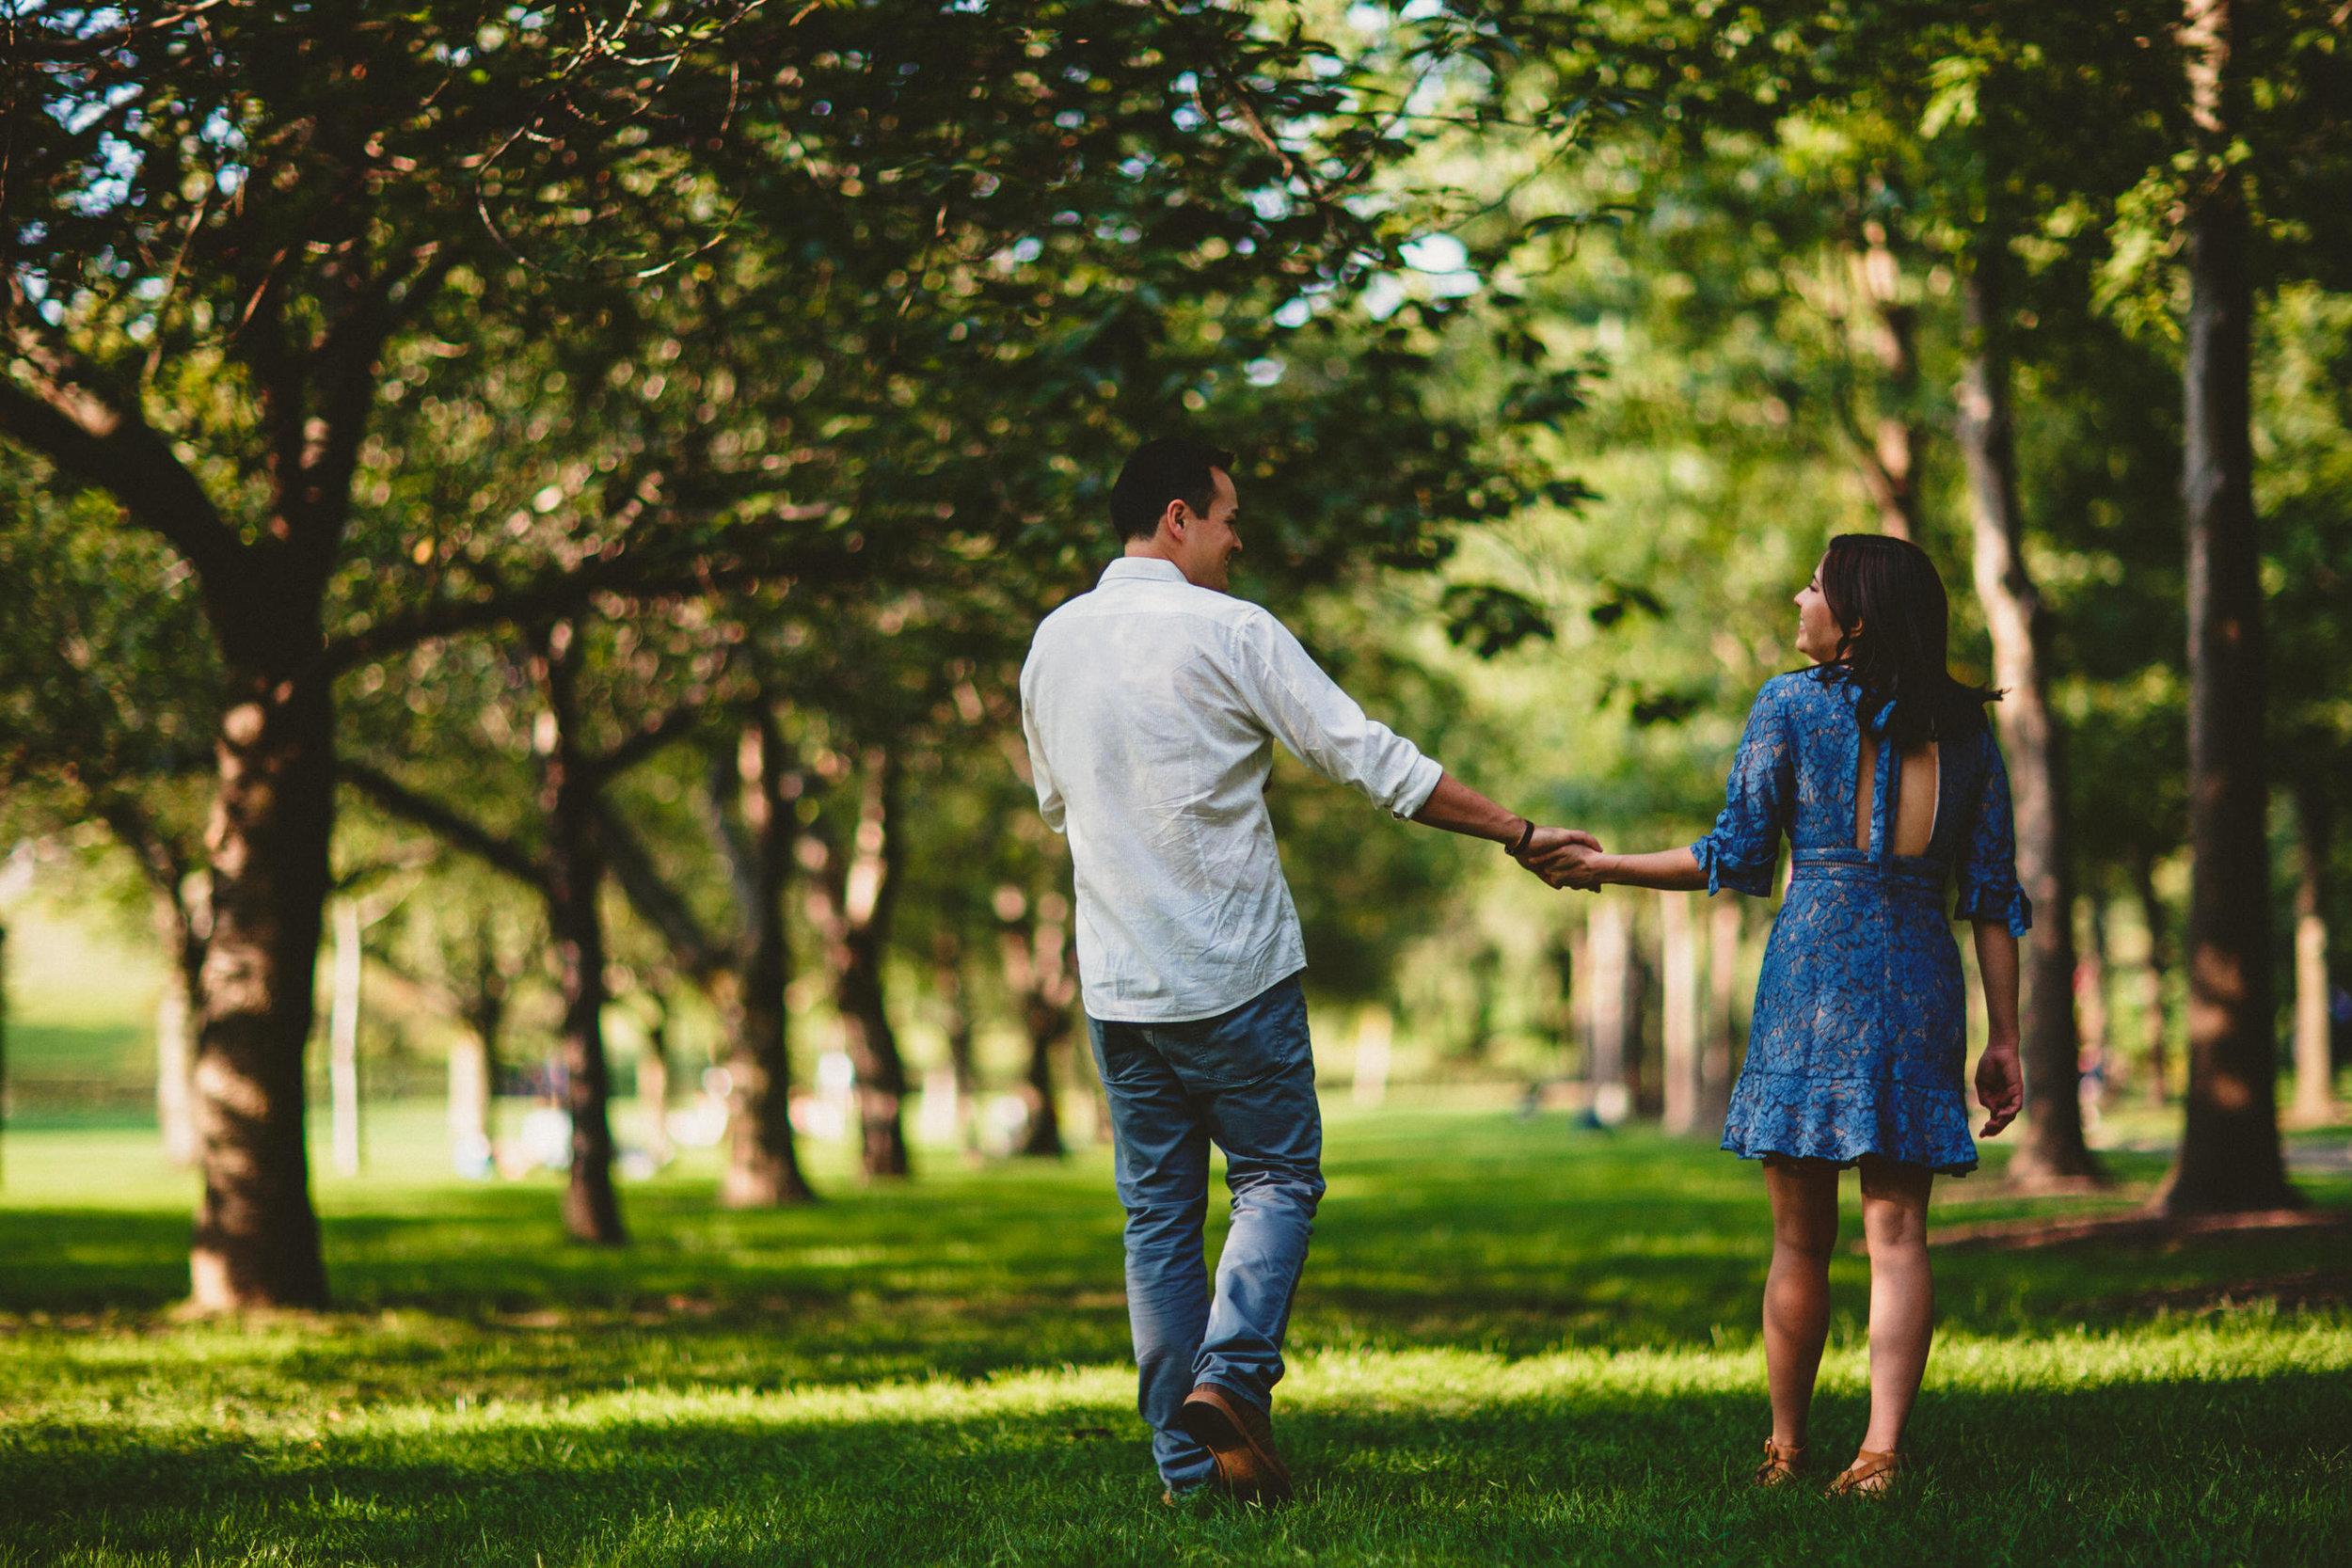 walk_through_the_park_denver_colorado_engagement_photographer.jpg